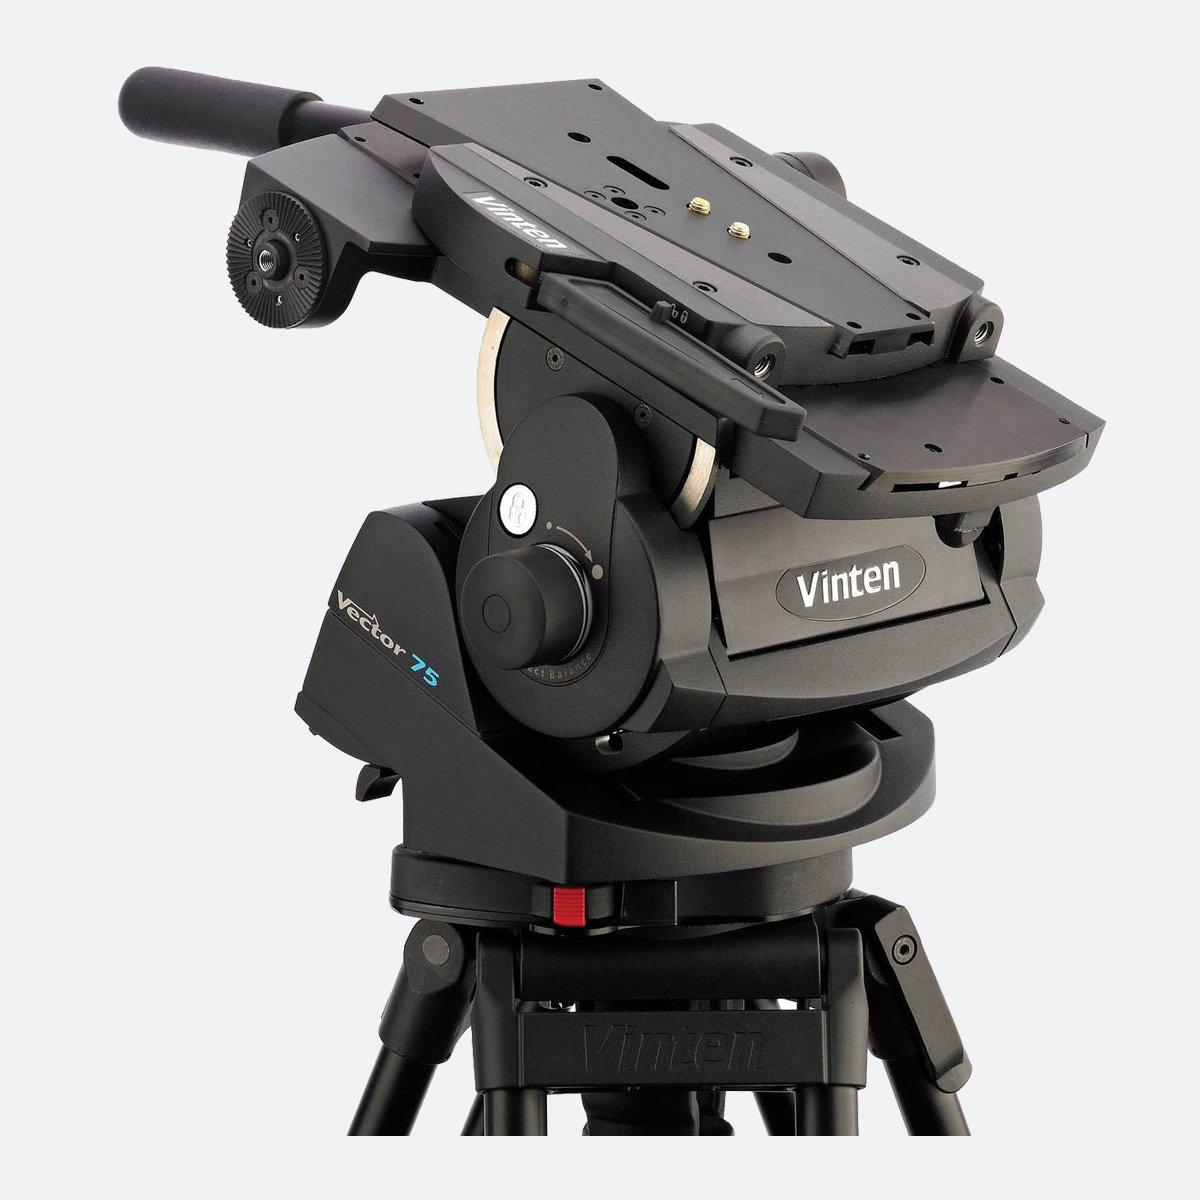 Vinten Vector 75 Pan and Tilt Head